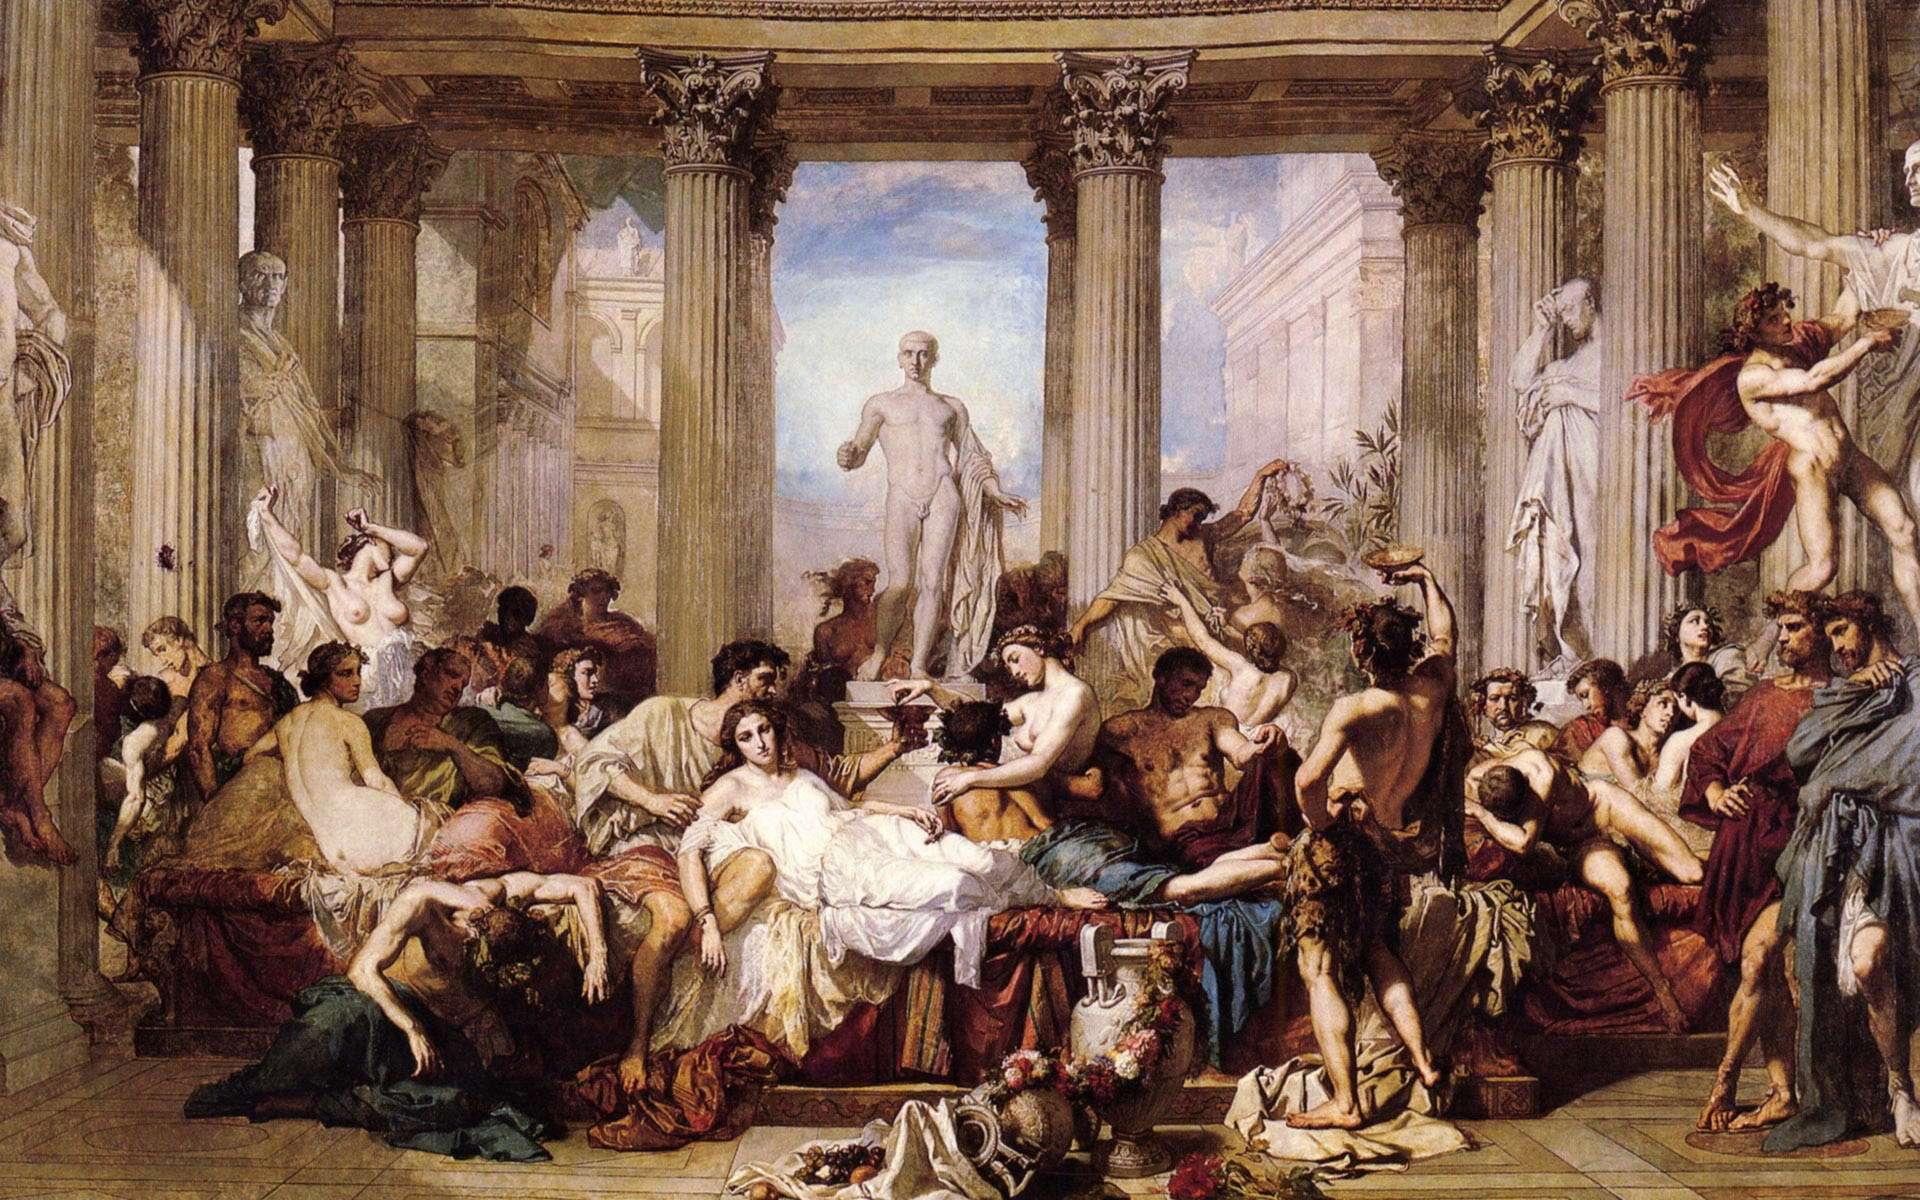 Αποτέλεσμα εικόνας για Ο Αριστοτέλης, η έννοια της ισότητας και η υπεροχή των πολλών